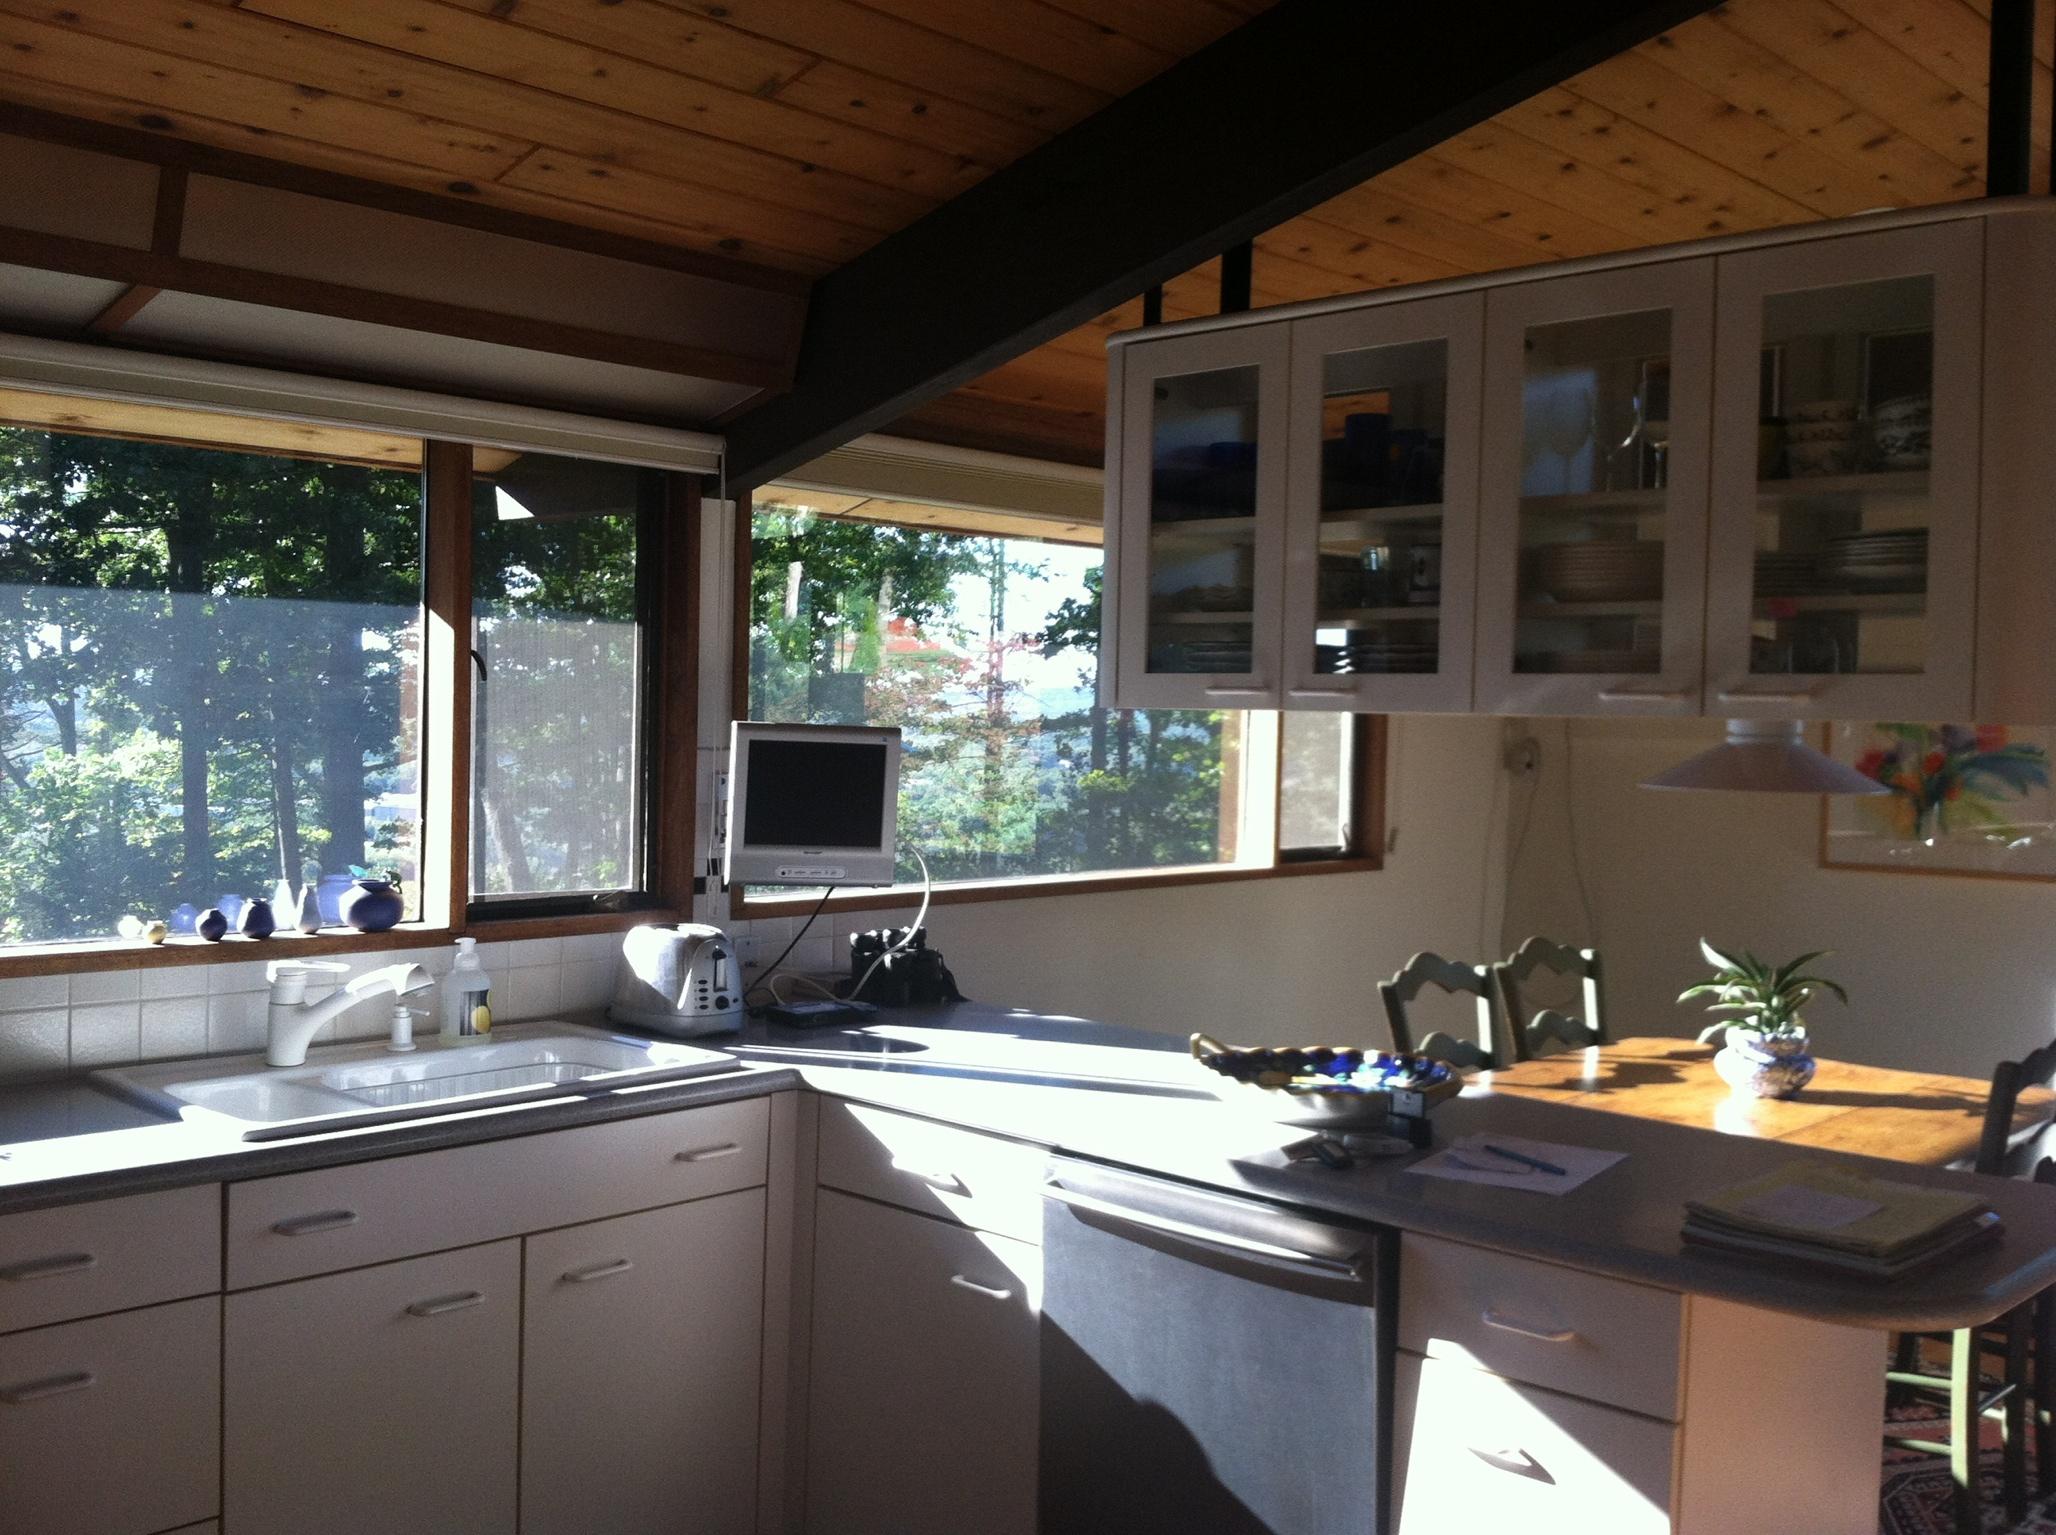 Farmington Kitchen Before